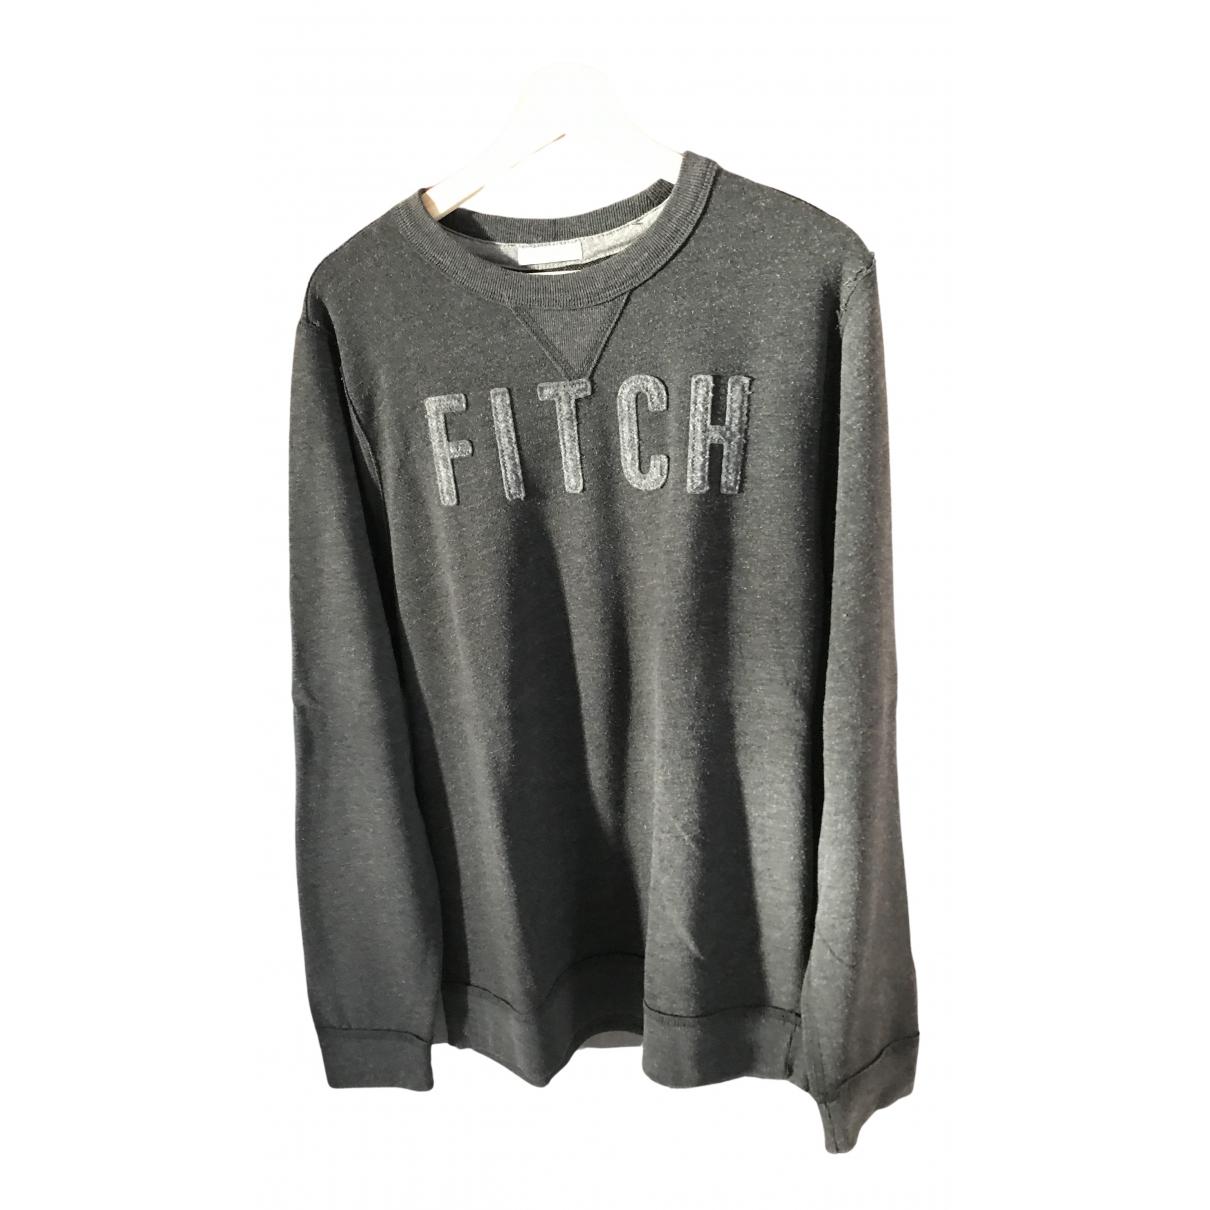 Abercrombie & Fitch - Pulls.Gilets.Sweats   pour homme en coton - anthracite